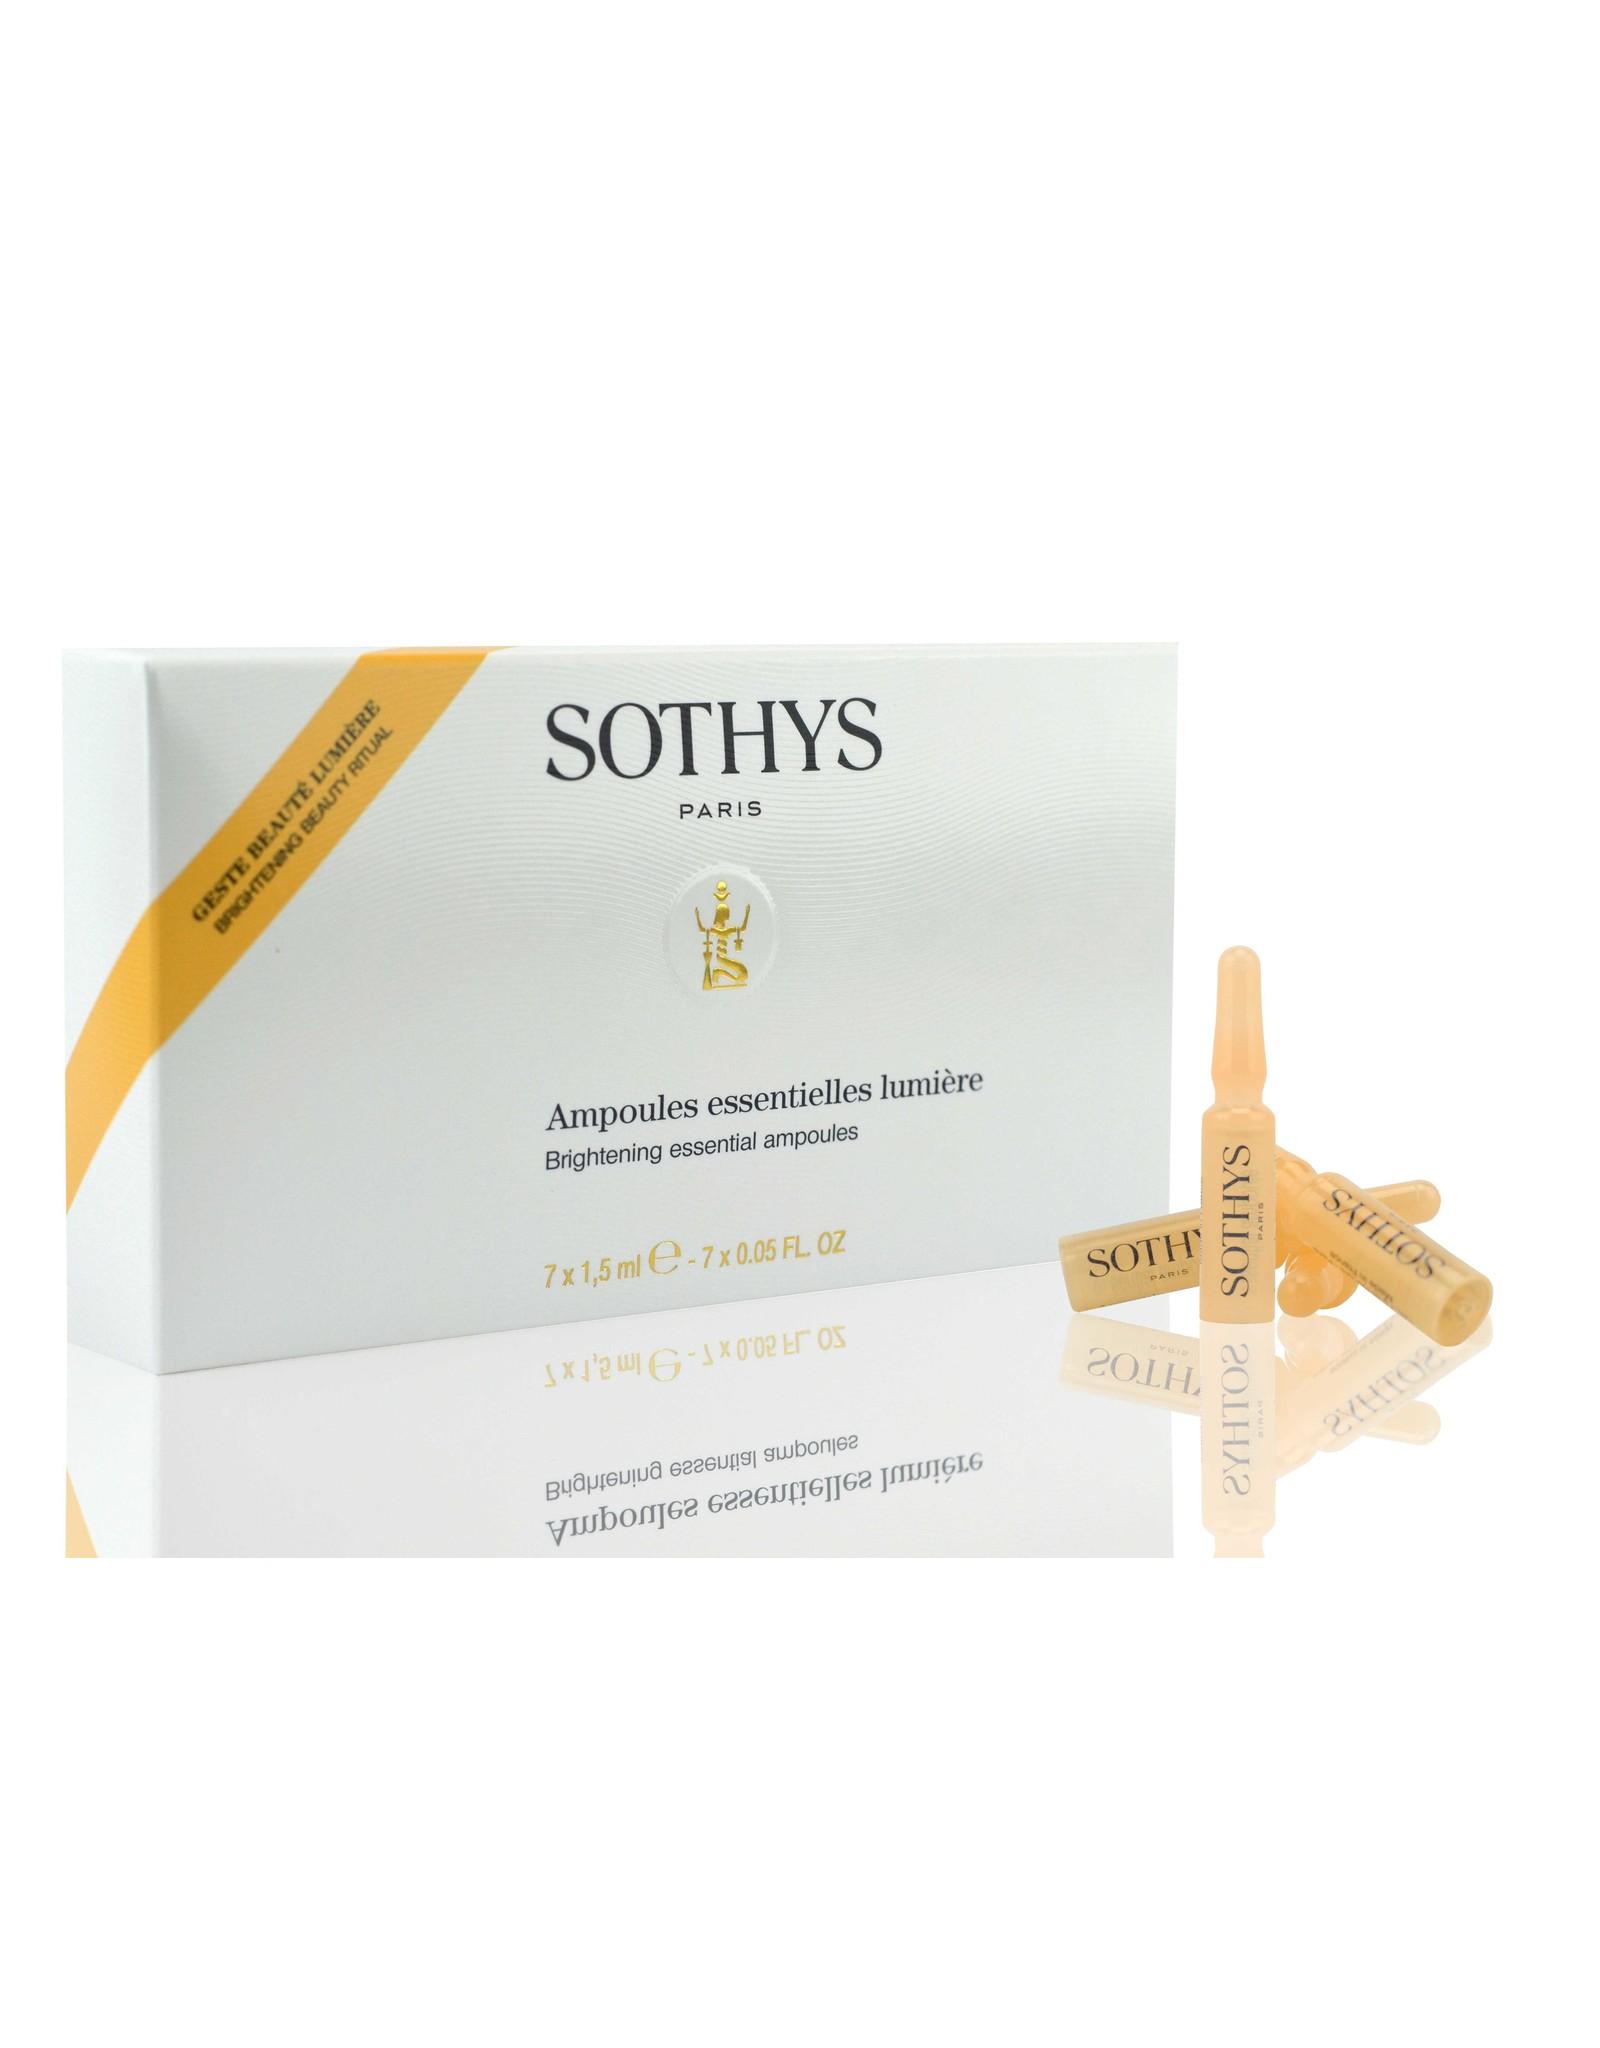 SOTHYS -20% Ampoules essentielles lumière - Sothys